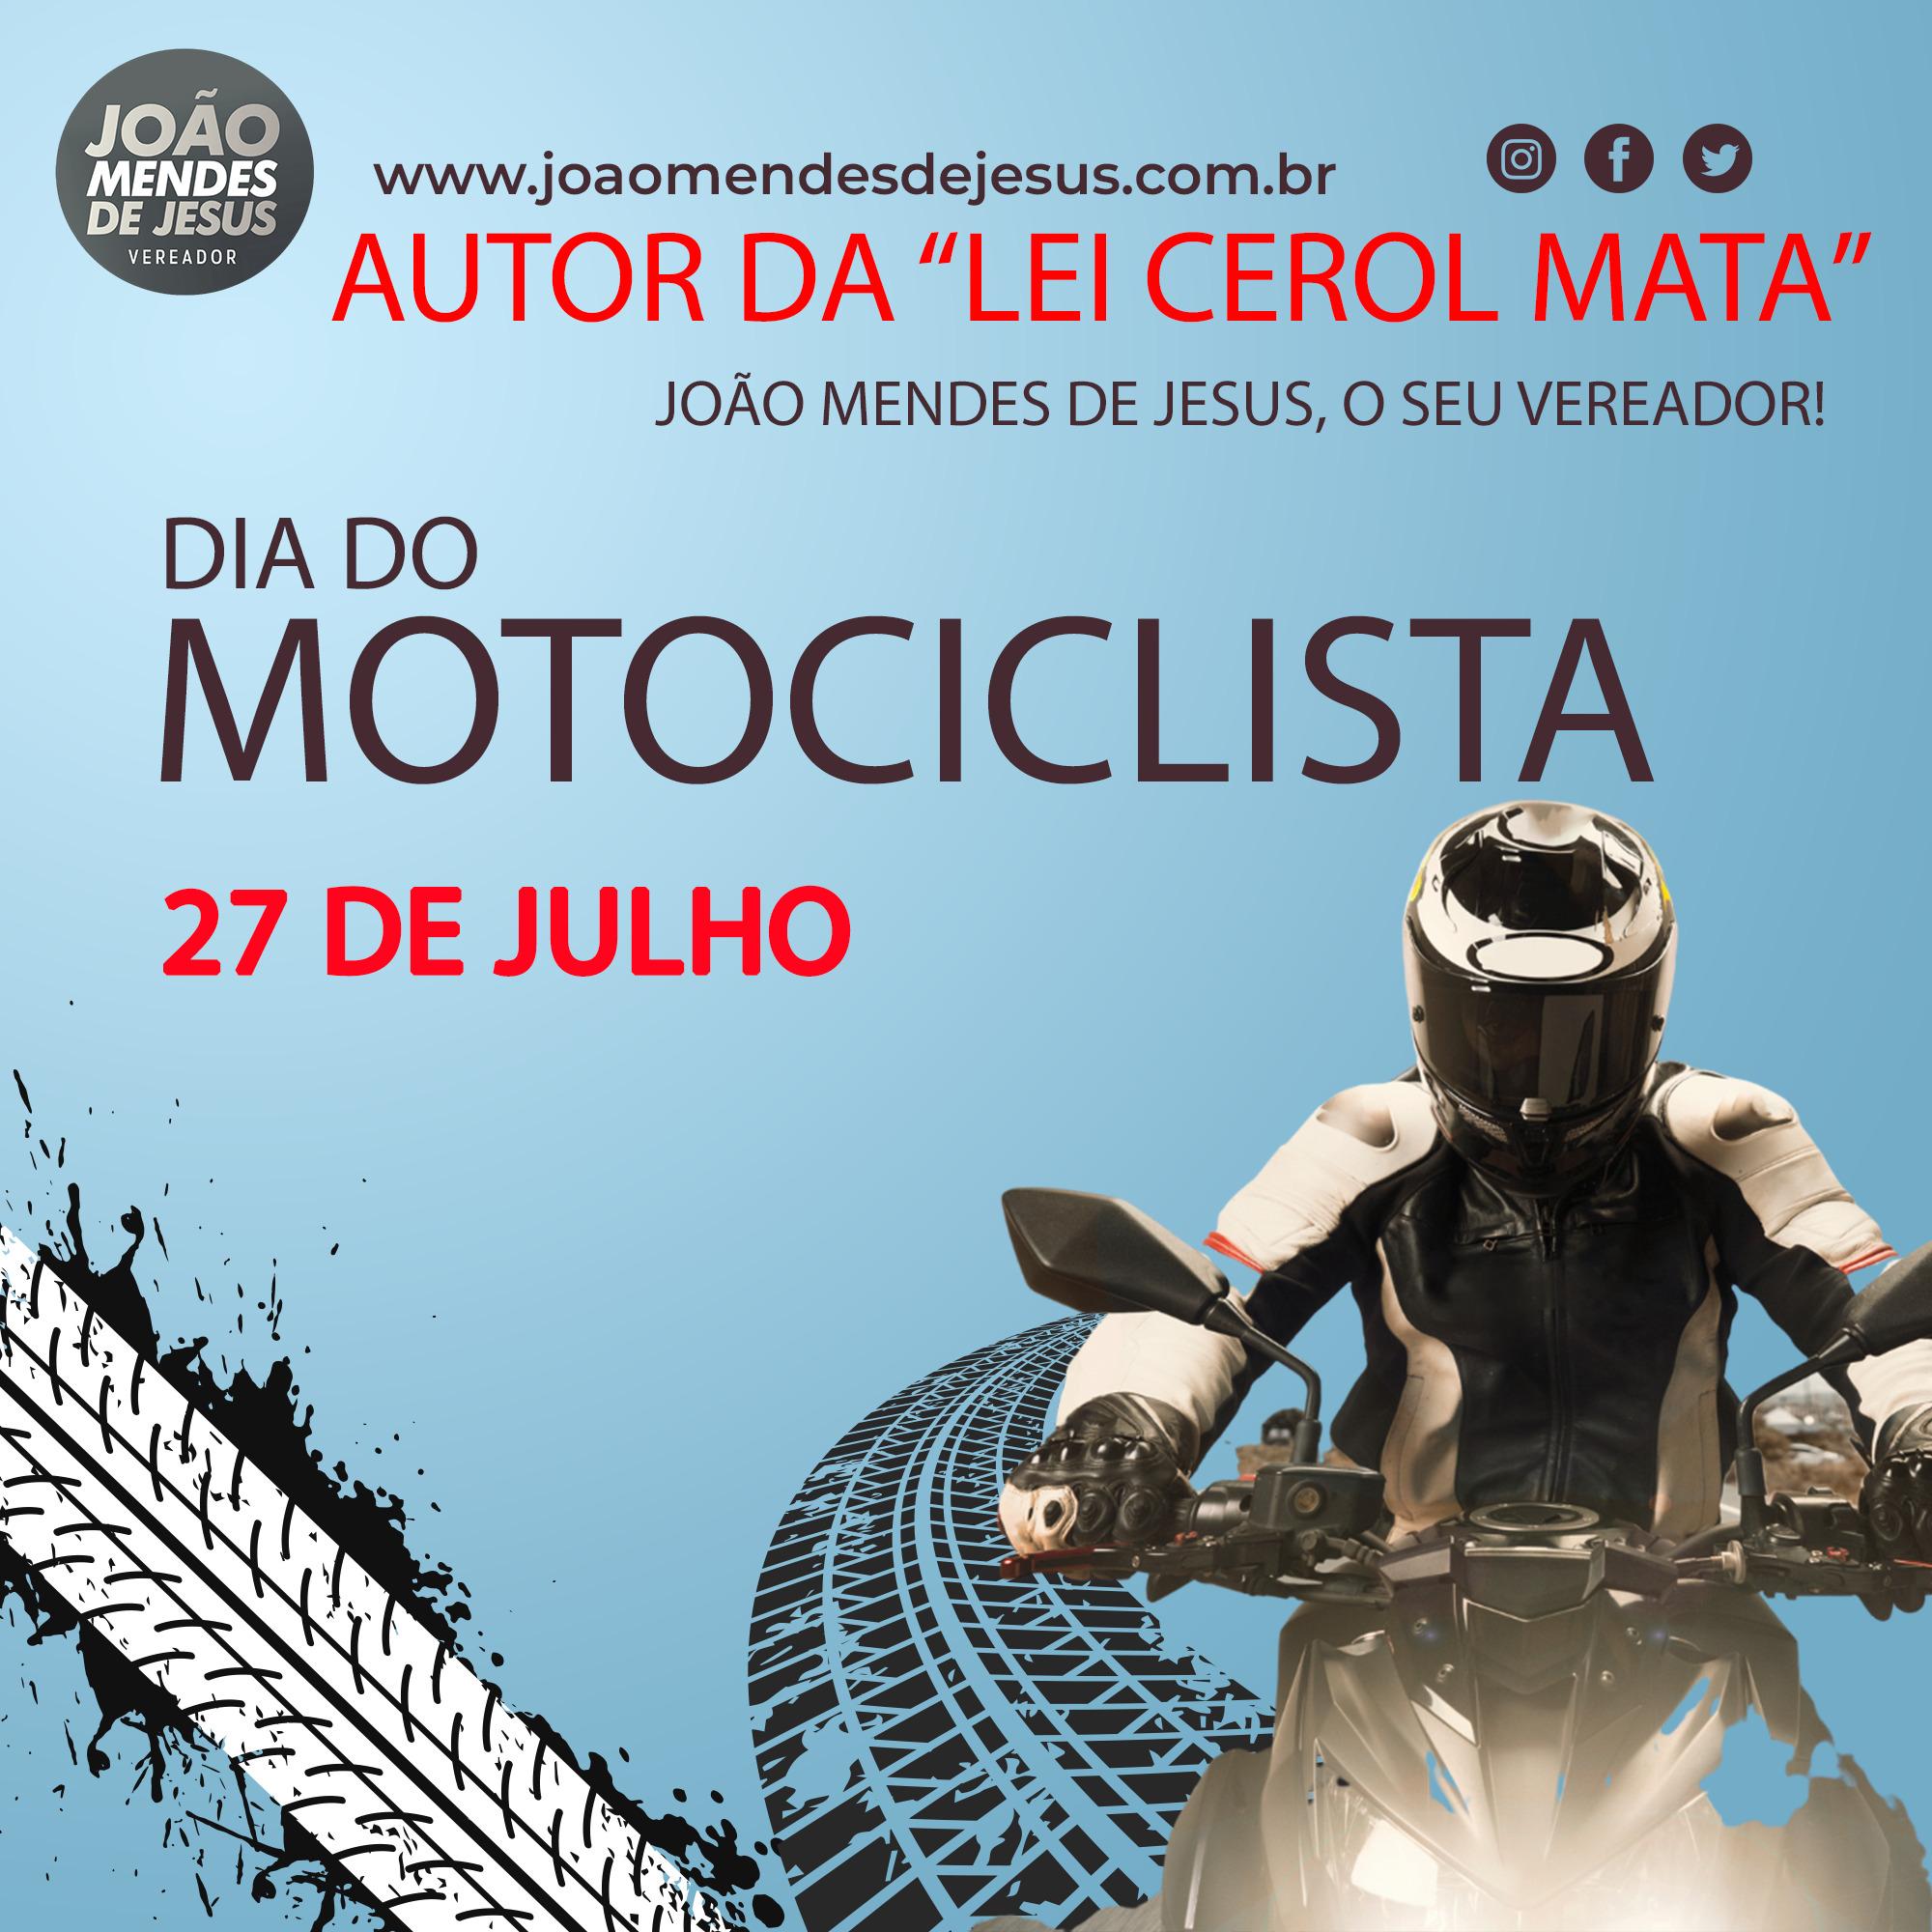 DIA 27 DE JULHO – DIA DO MOTOCICLISTA